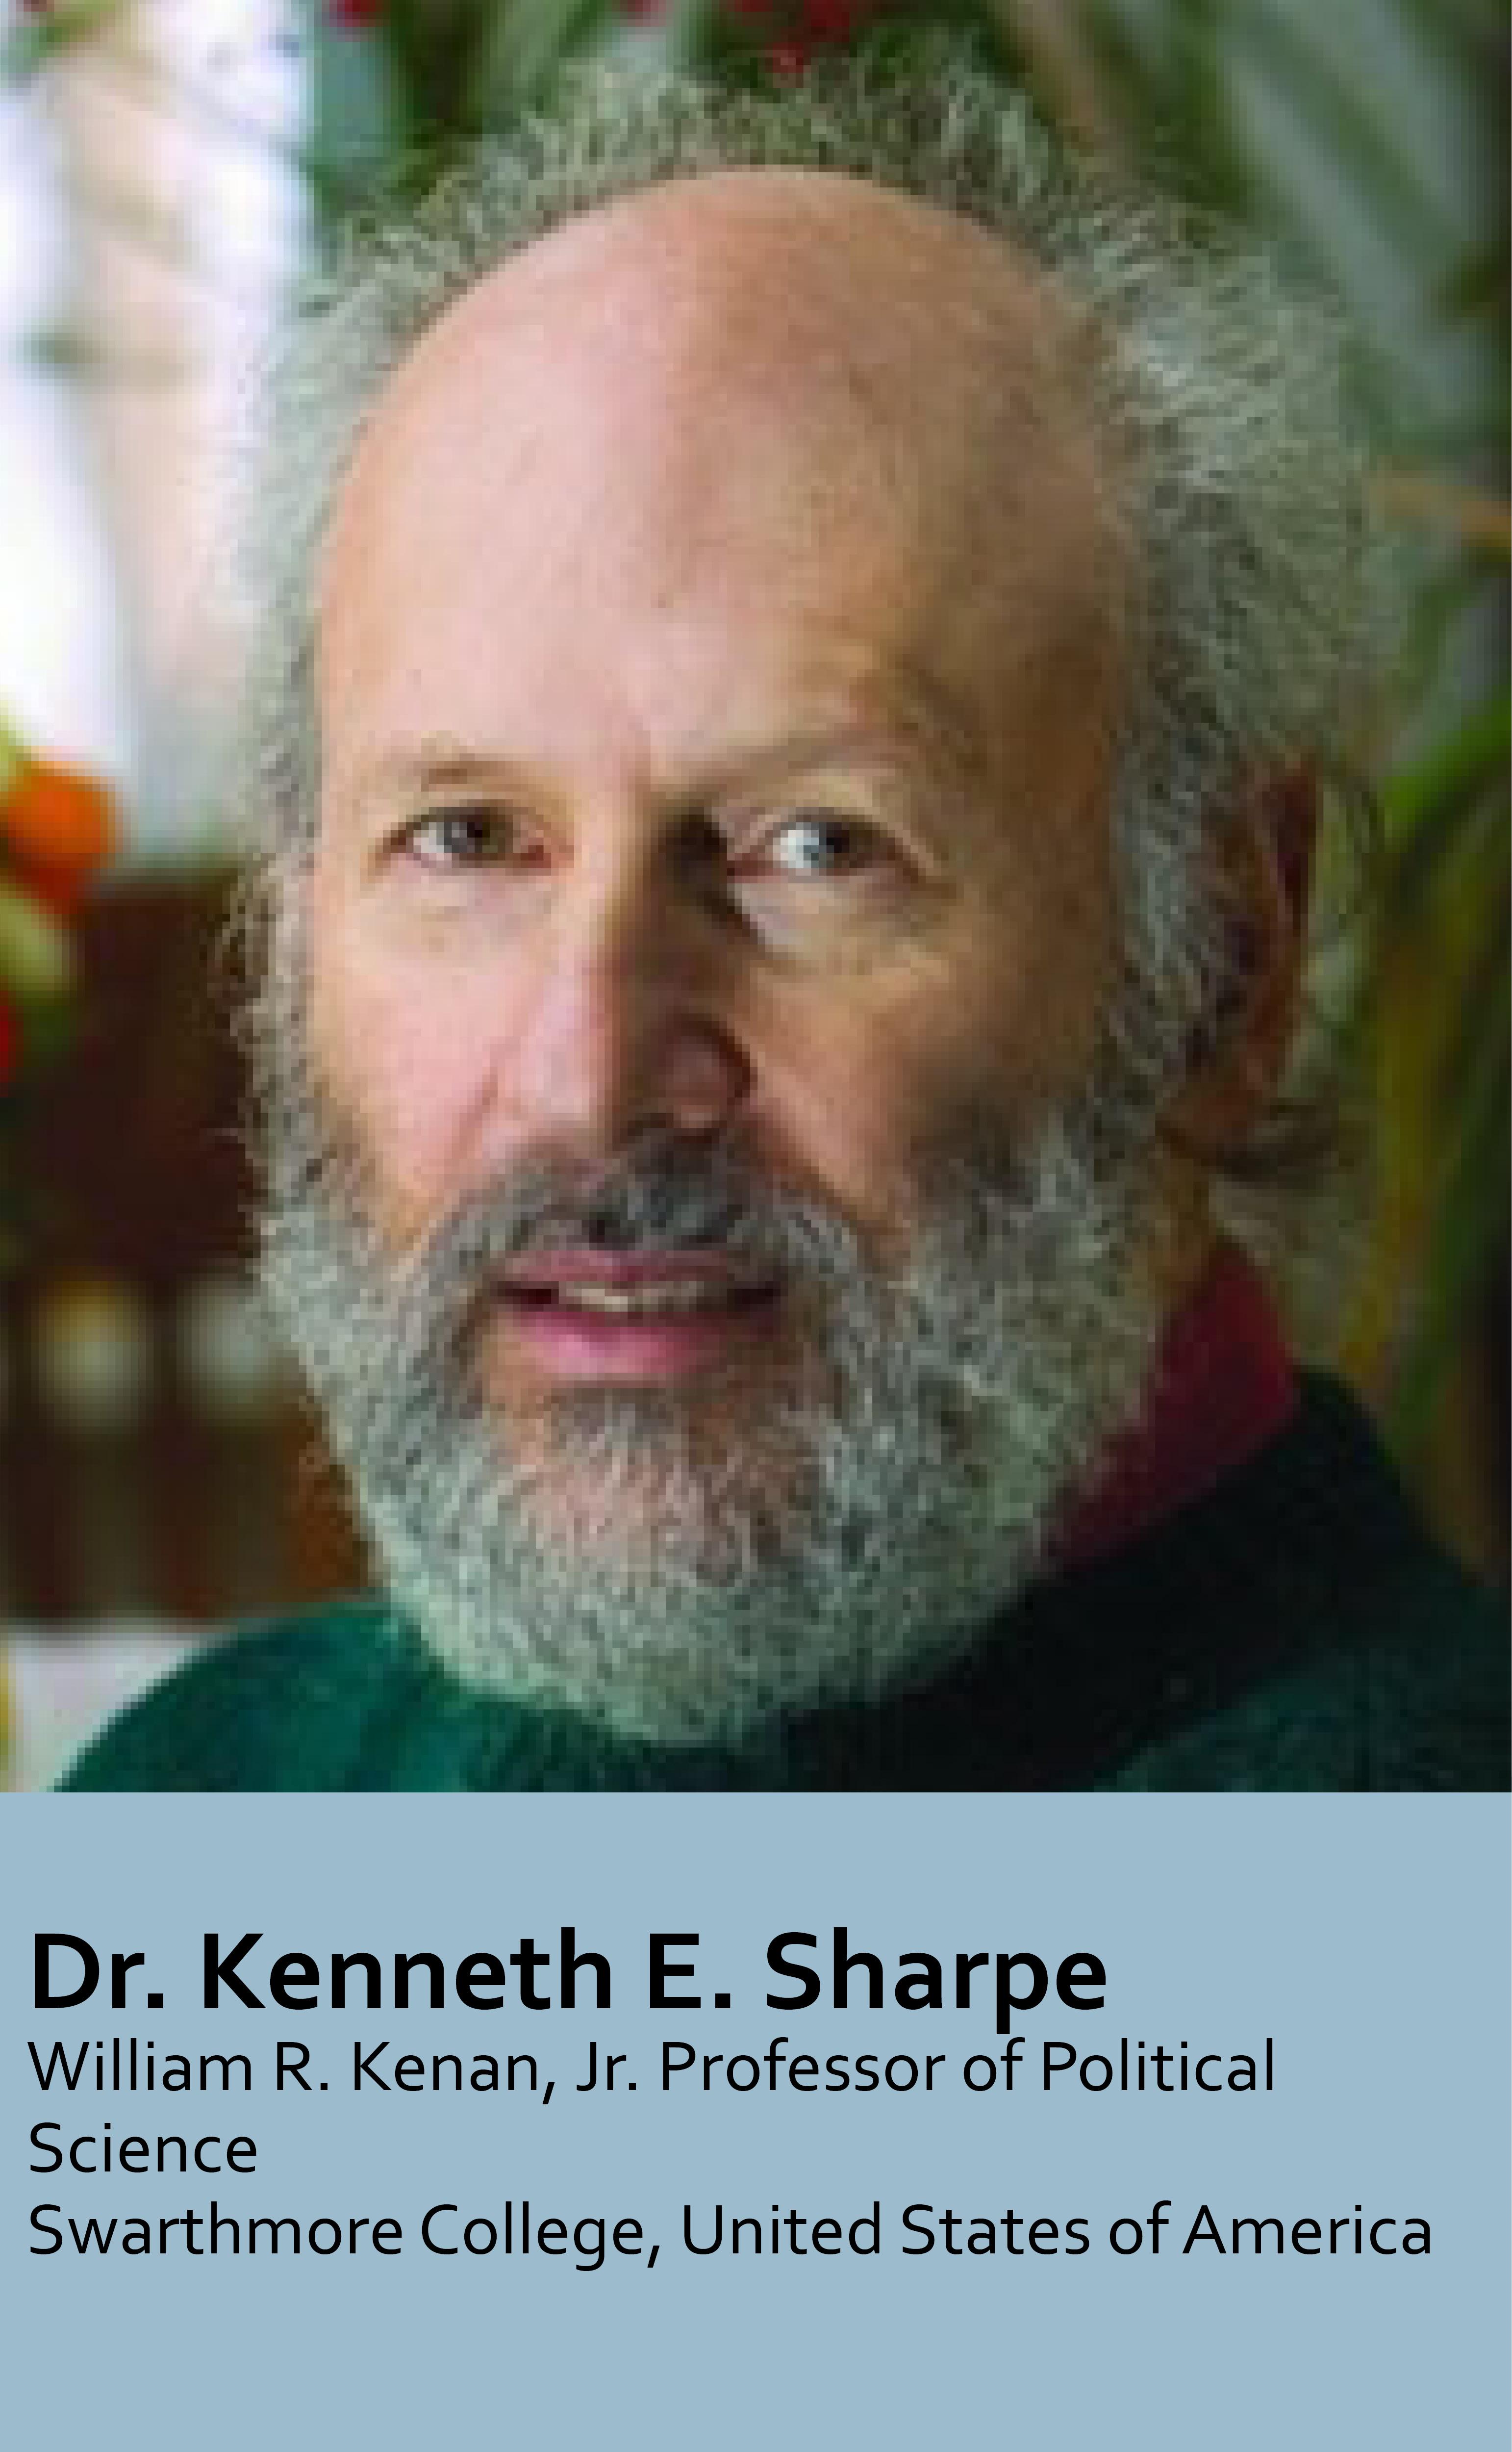 Kenneth E. Sharpe